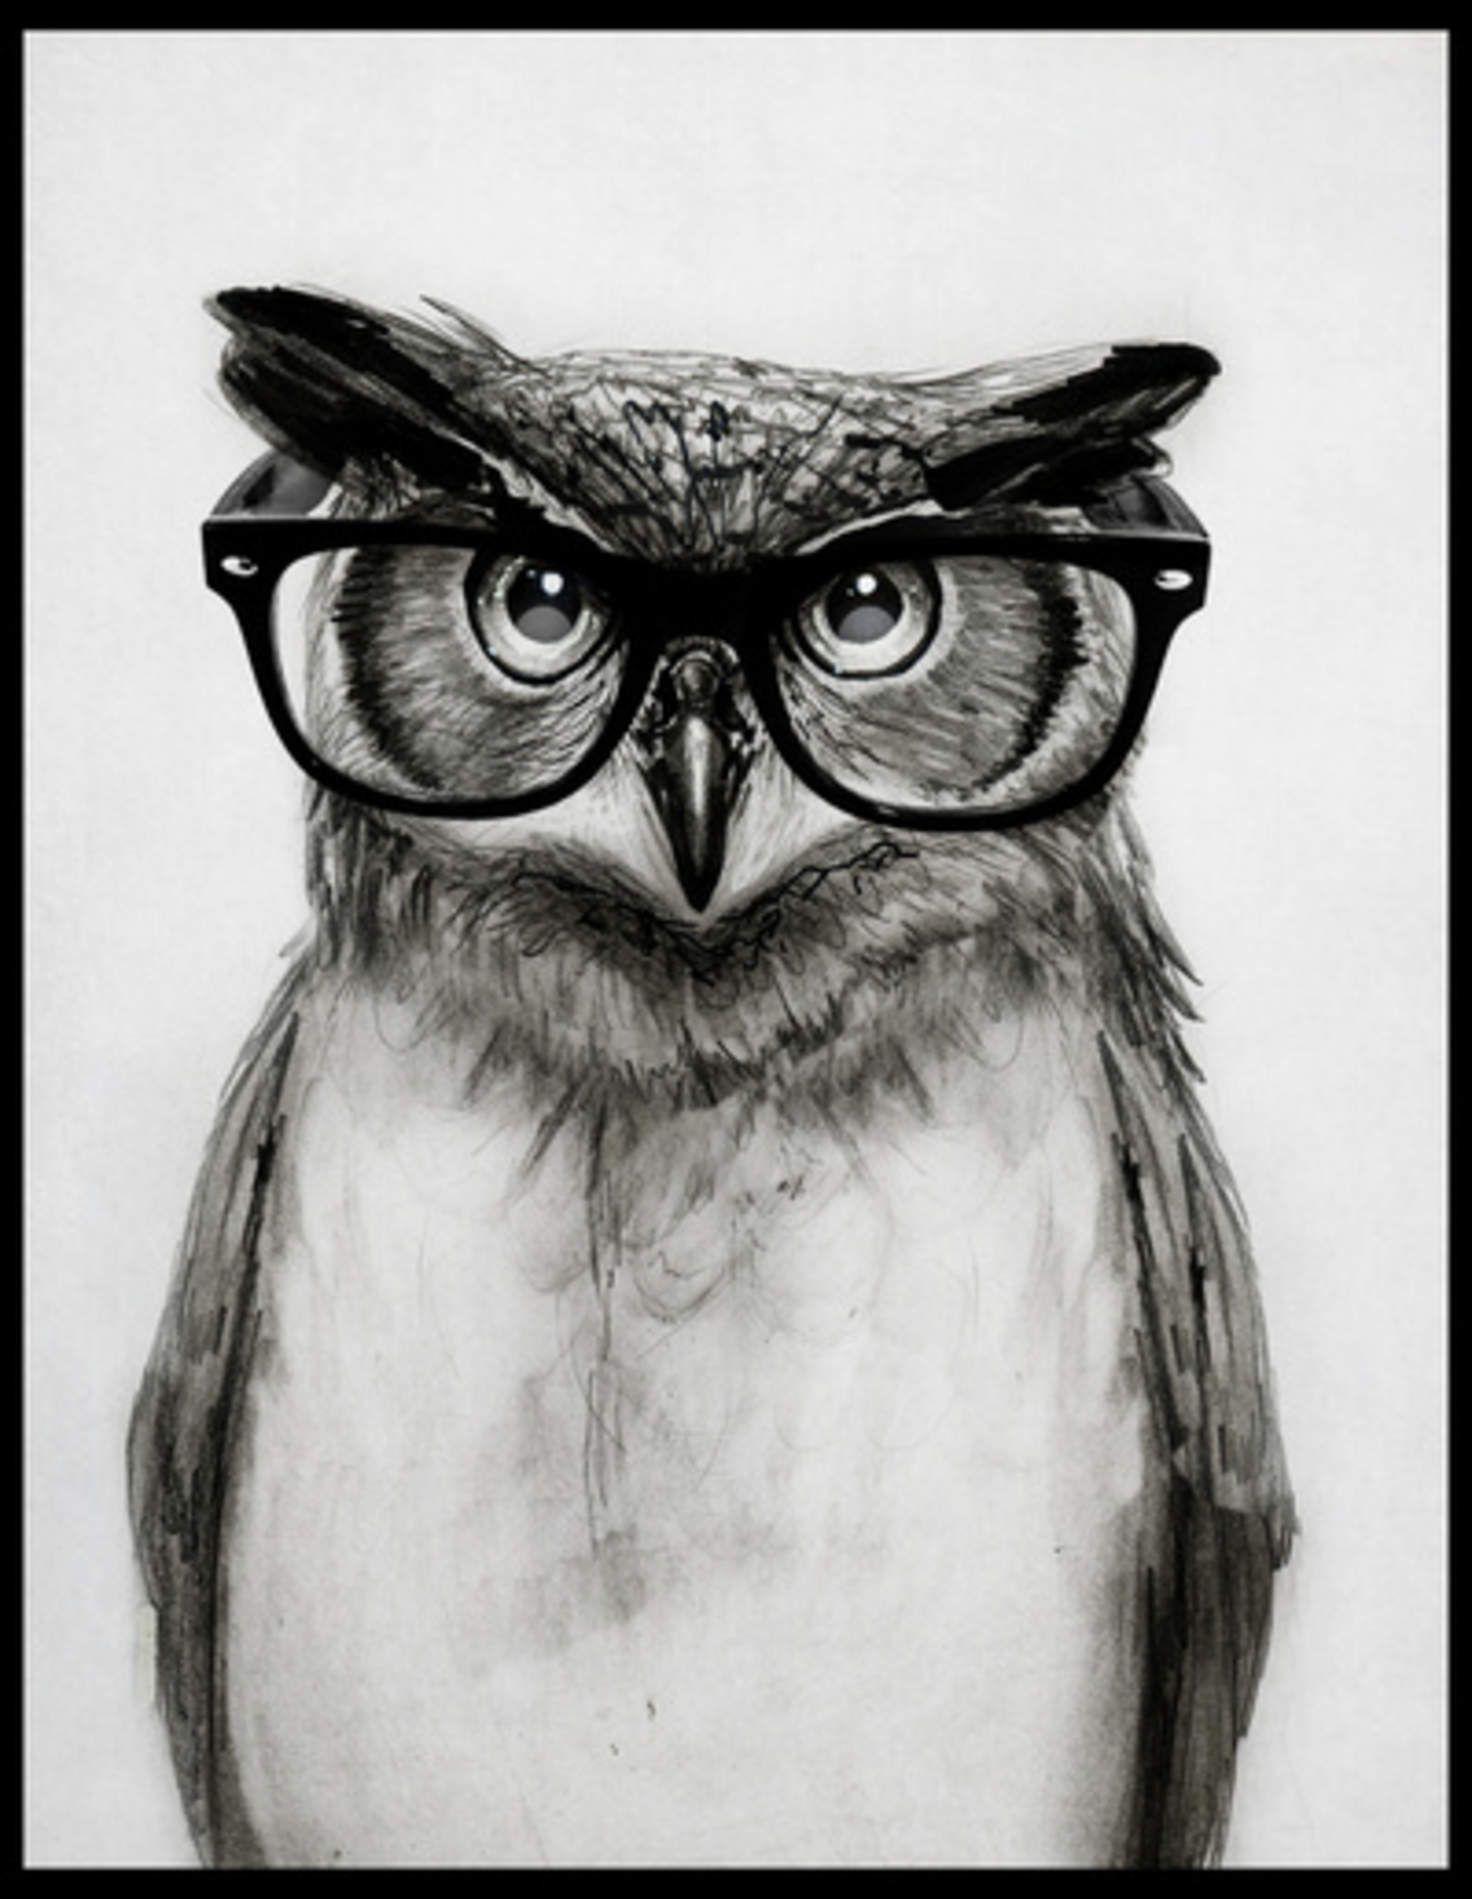 Mr. Owl Art Print by Isaiah K. Stephens